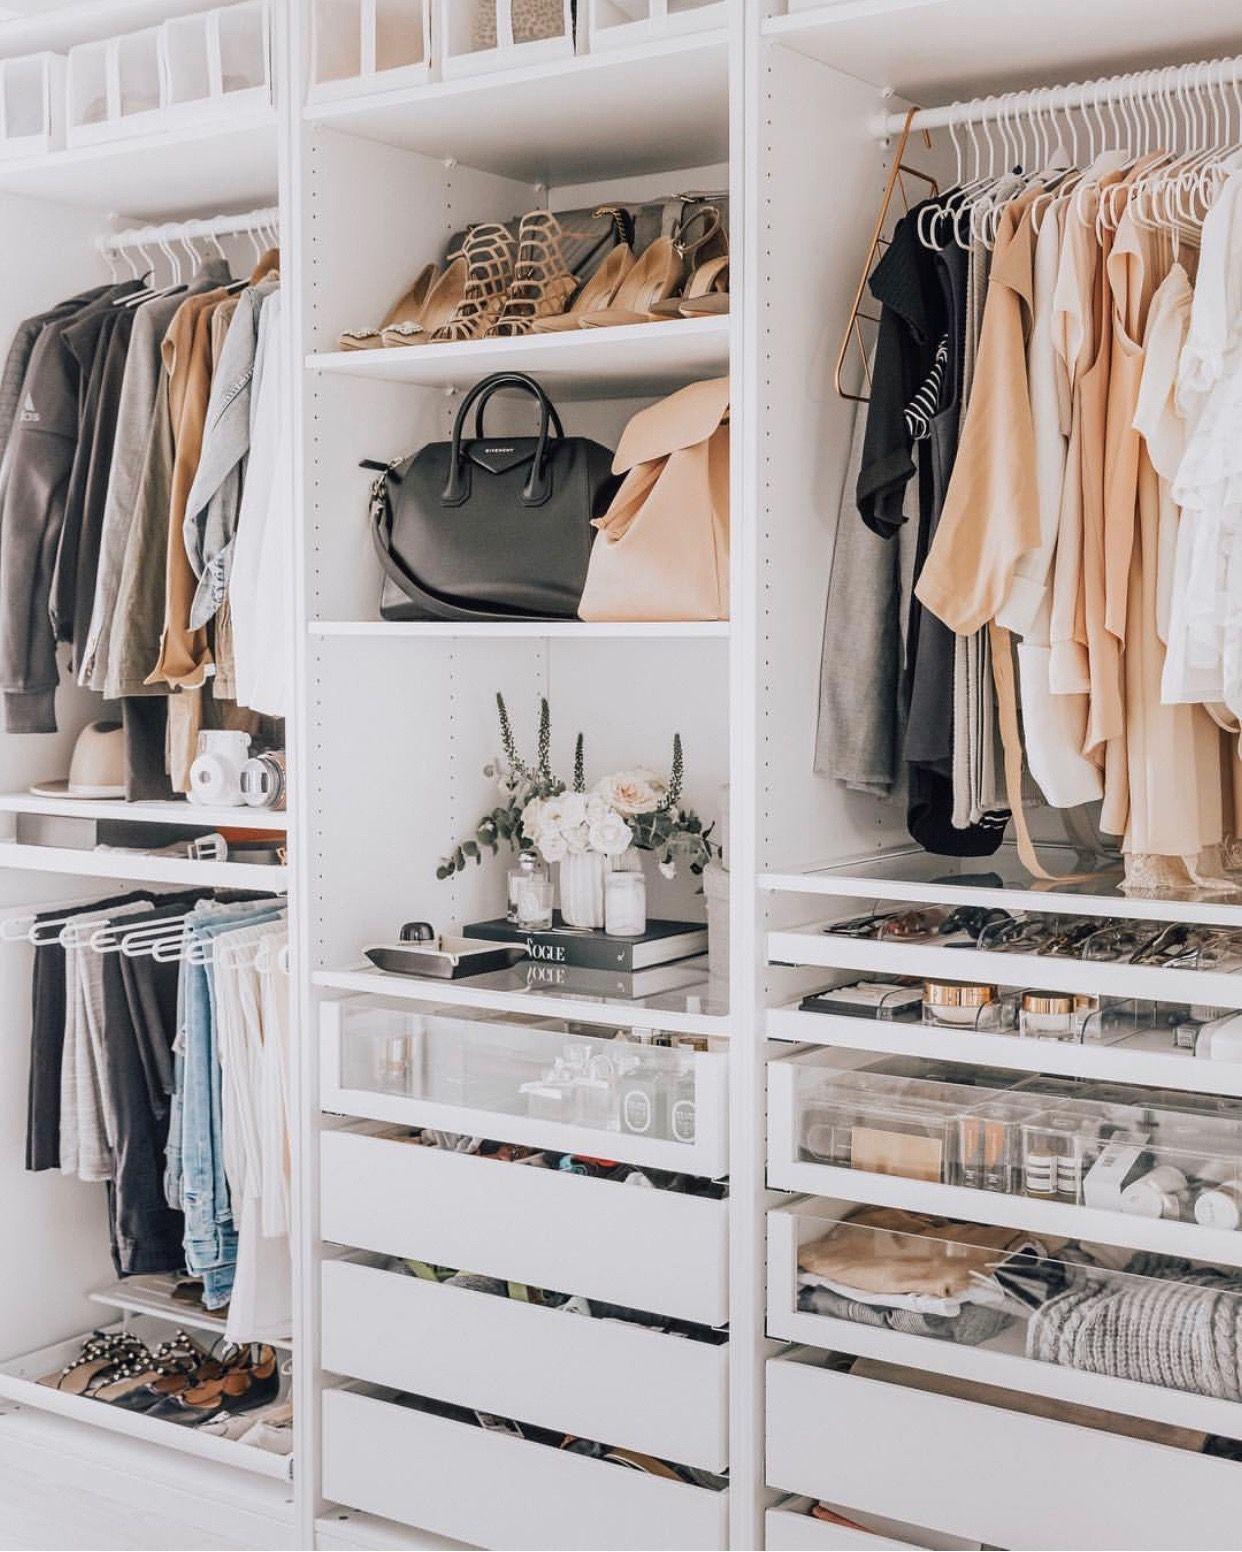 Mein begehbarer Kleiderschrank – https://bingefashion.com/home